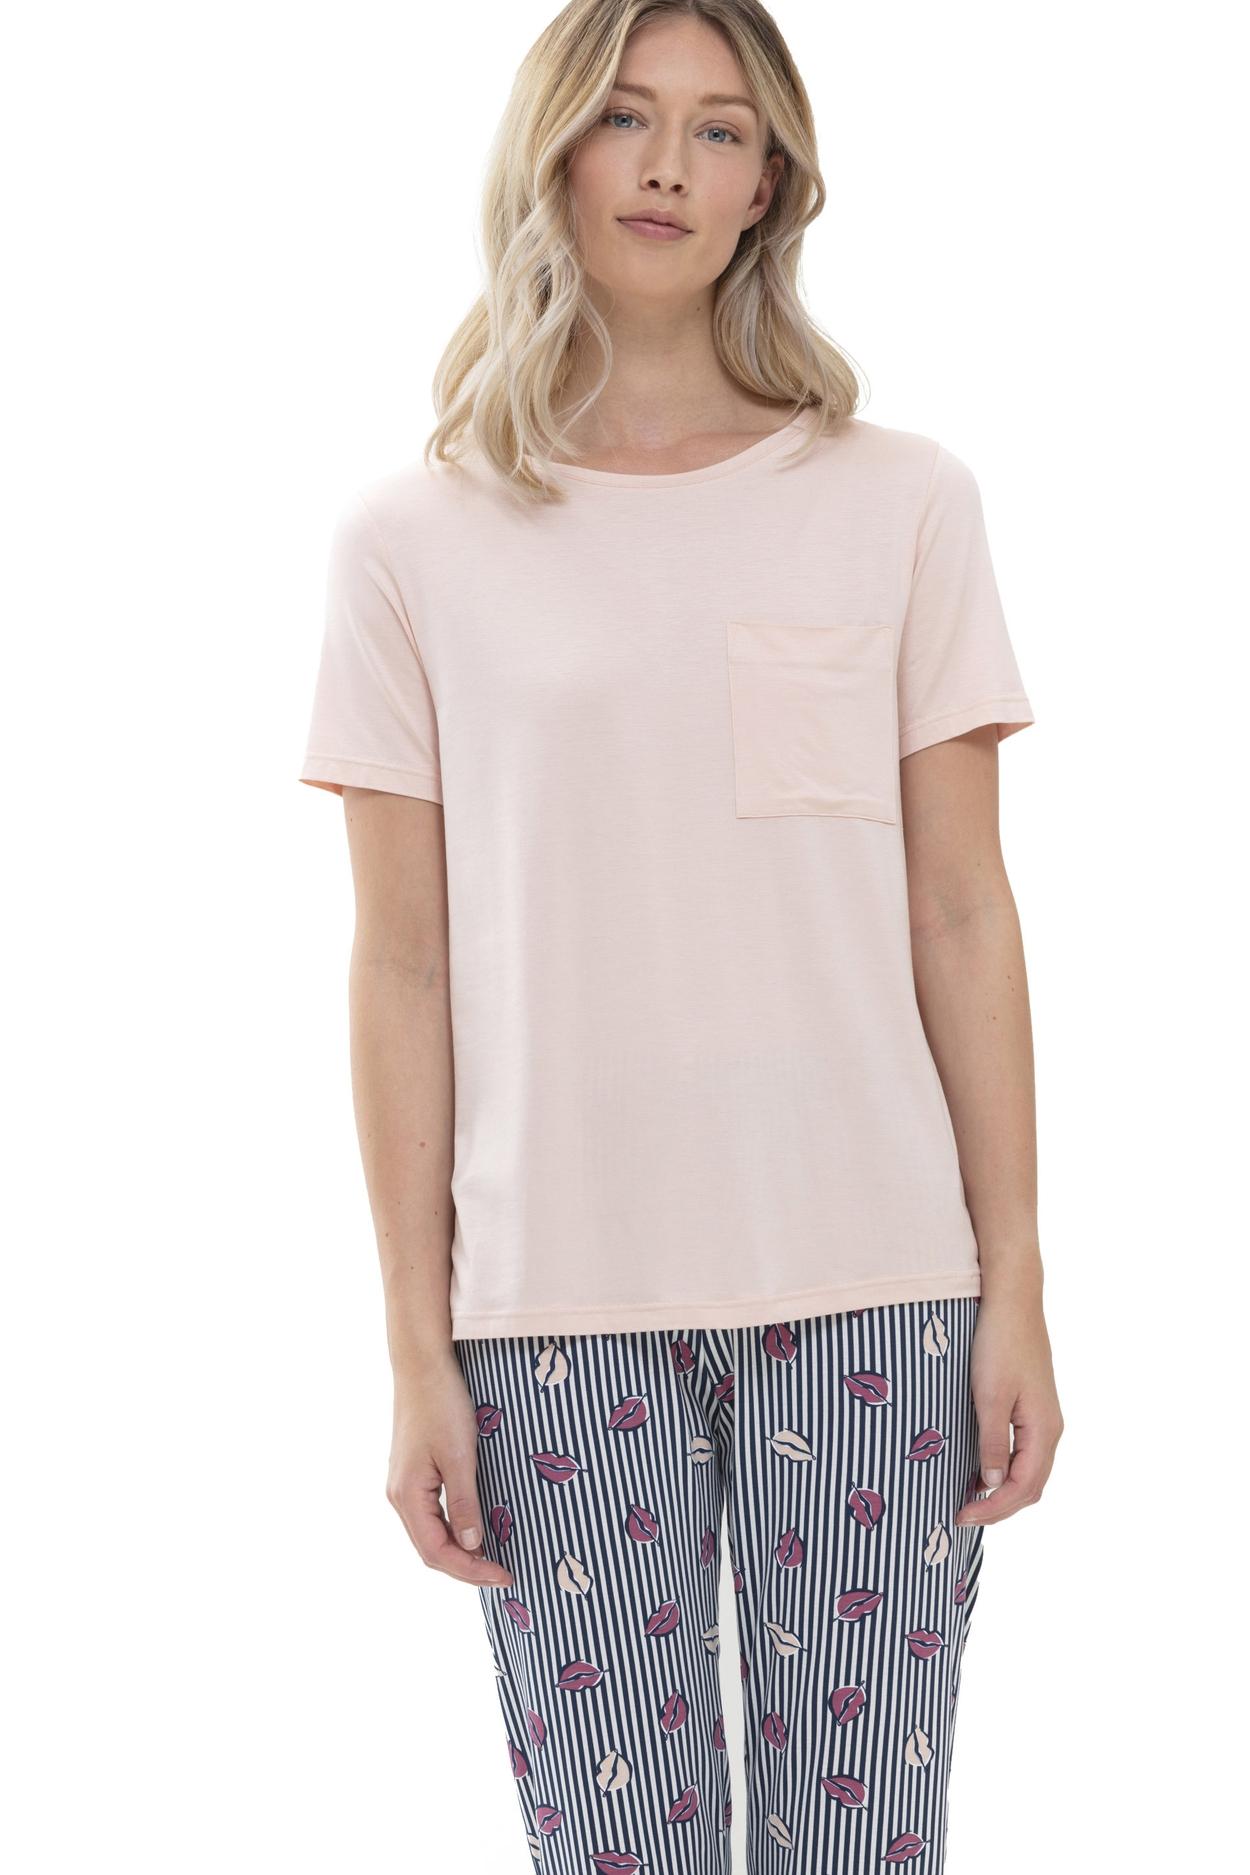 Женская вискозная футболка светло-персиковый 16659 Mey